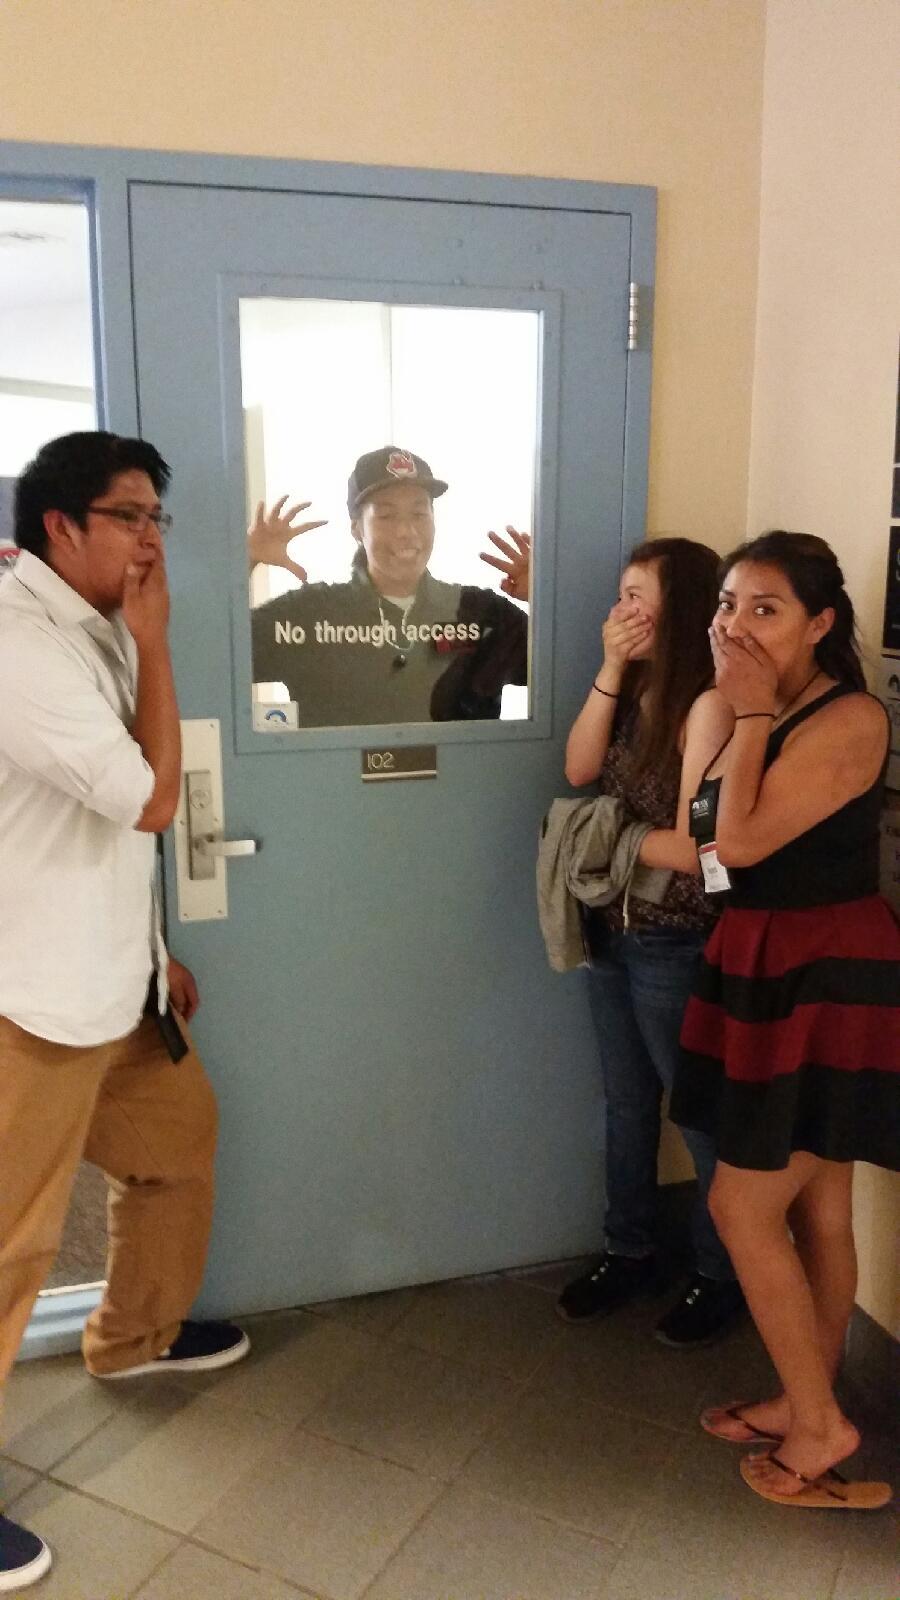 Étudiant posant à l'extérieur de la porte d'accès sans issue - un étudiant prétendant être piégé à l'intérieur.